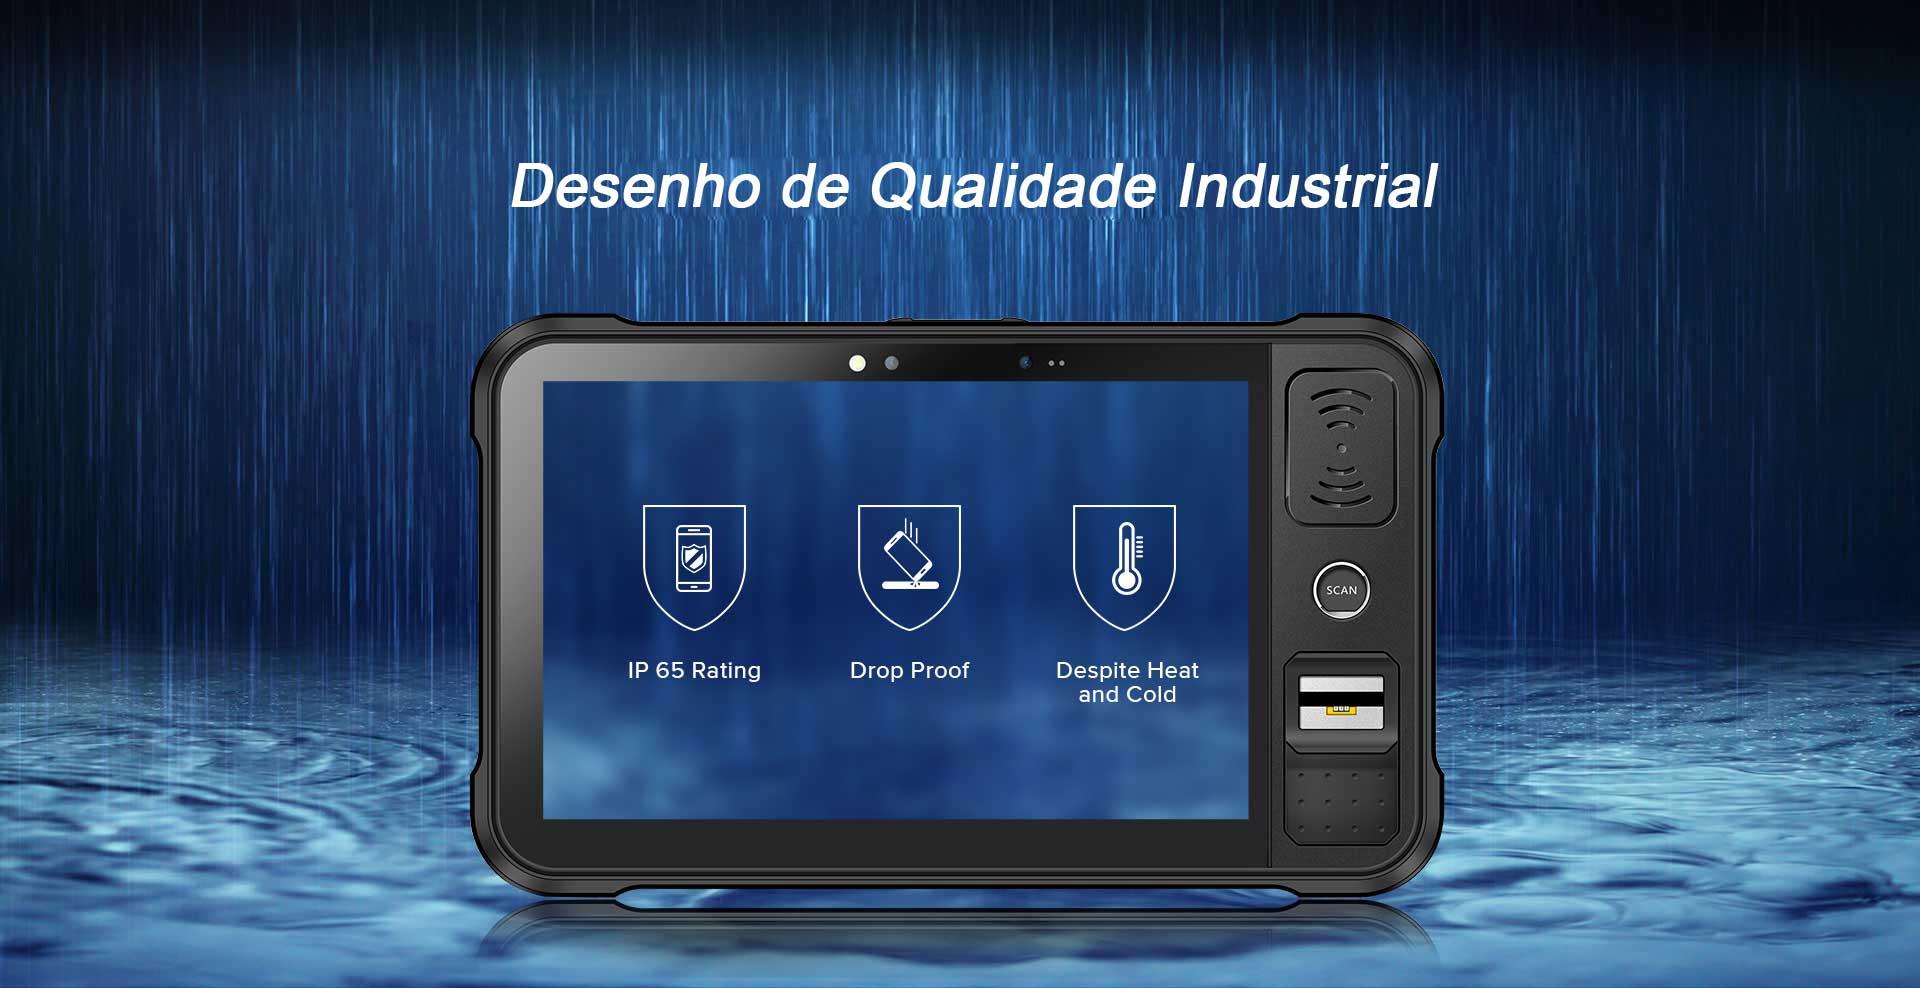 TABLET INDUSTRIAL P80 Design de Qualidade Industrial